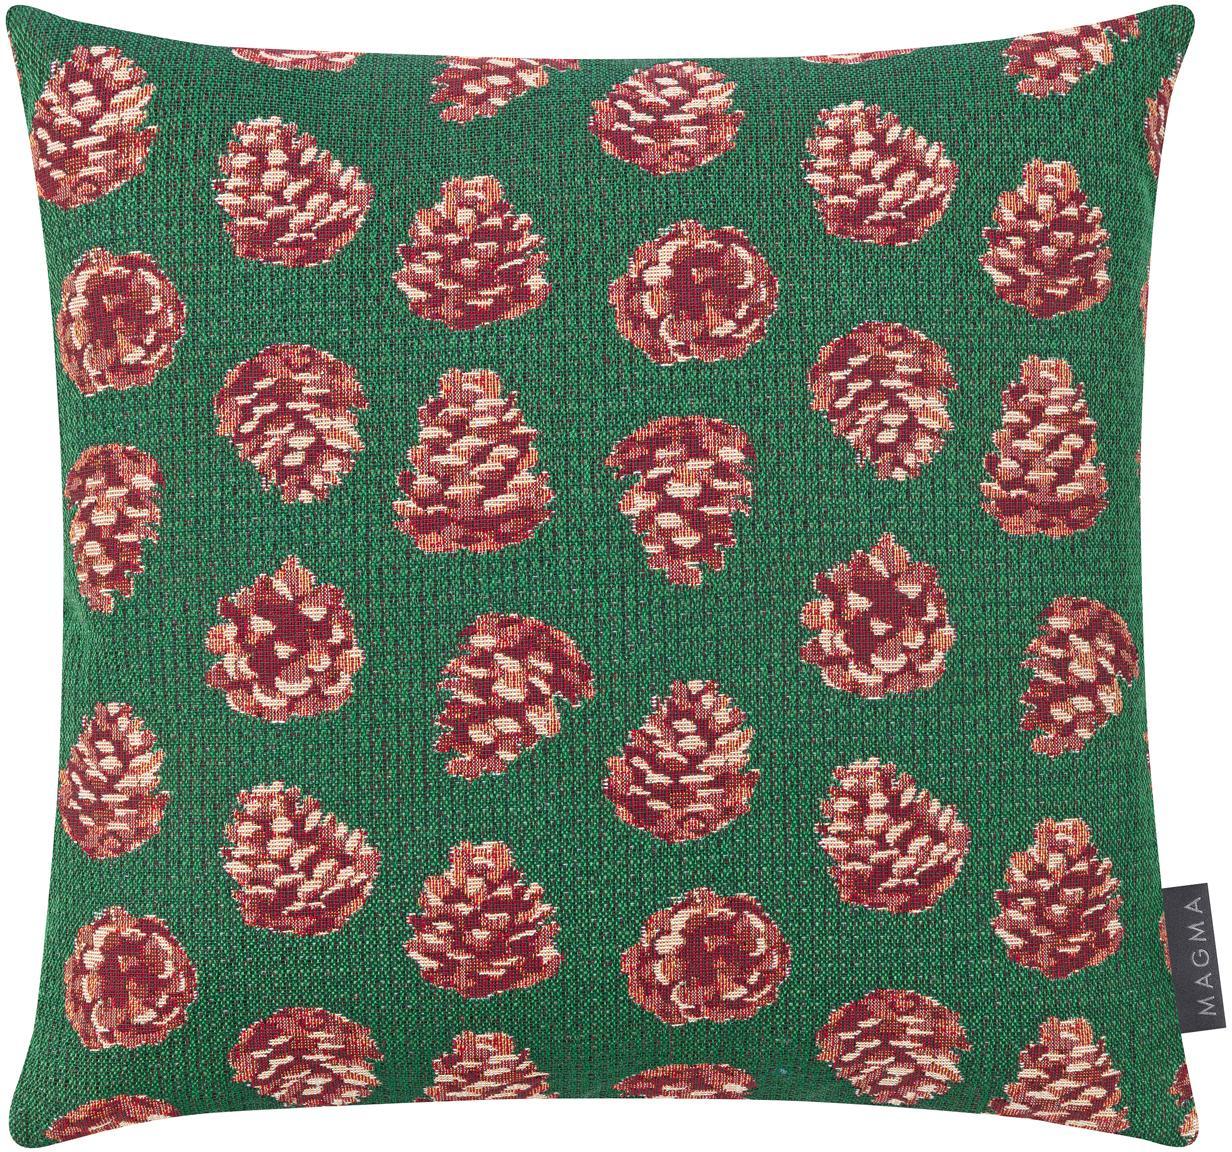 Kissenhülle Alvin mit winterlichen Motiven, Vorderseite: 55%Polyester, 45%Baumwo, Webart: Jacquard, Rückseite: Polyestersamt, Grün, Rot, Beige, 40 x 40 cm